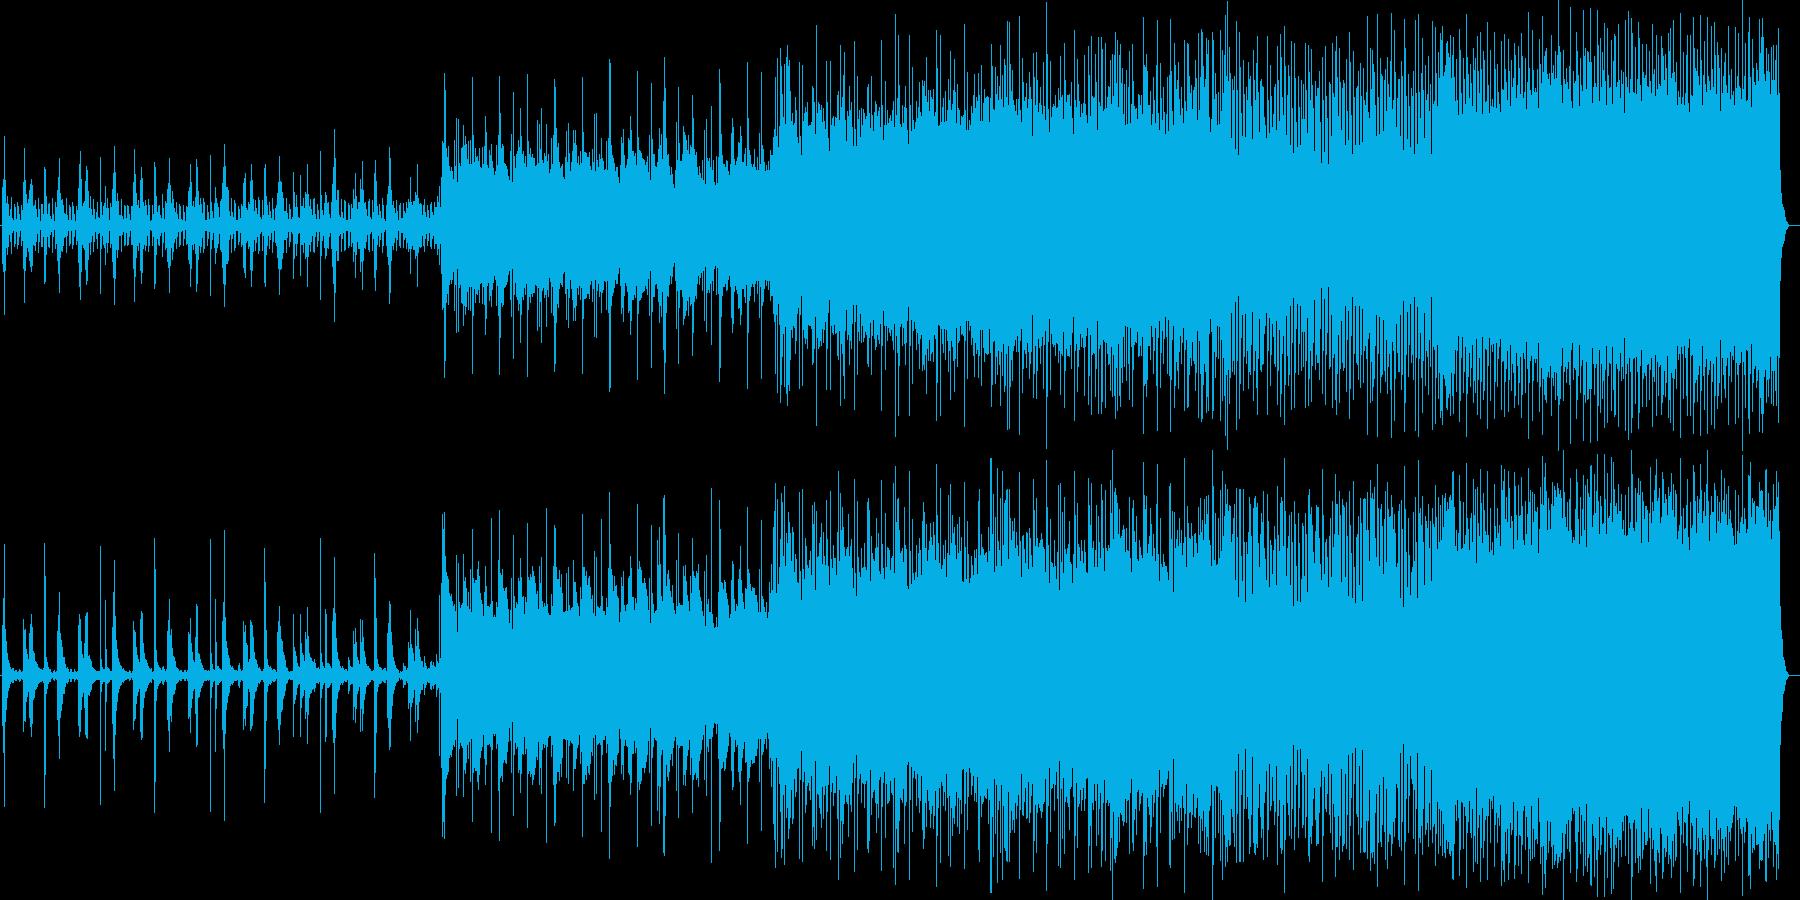 切なさのある和風テイストのバラードの再生済みの波形